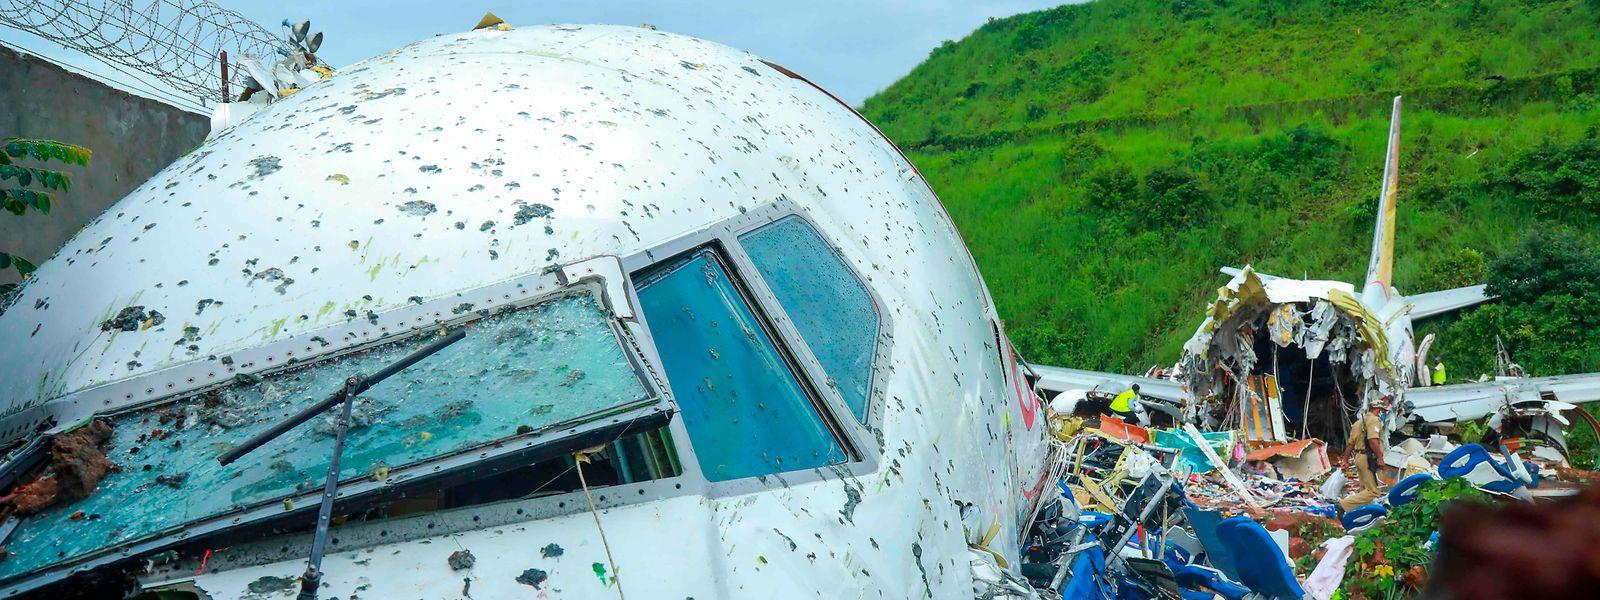 Die Maschine stürzte nach einem missglückten Landemanöver in einen zehn Meter tiefen Graben.